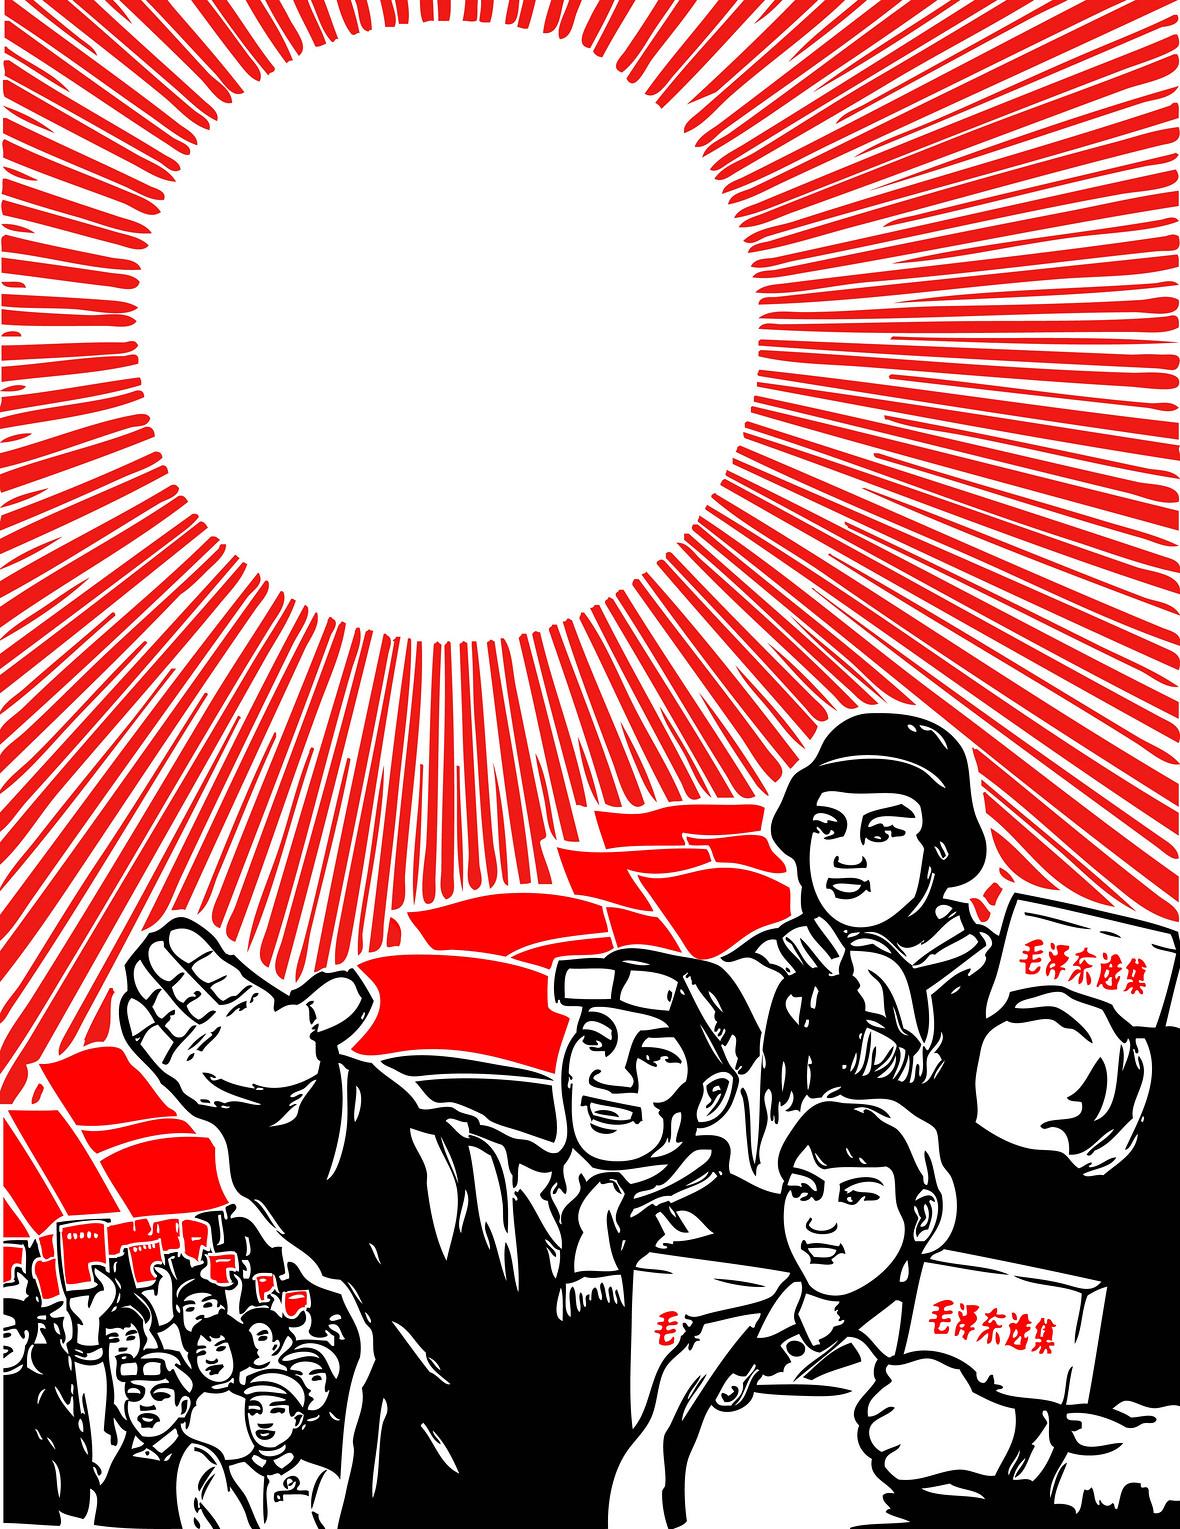 矢量红色革命手绘背景素材